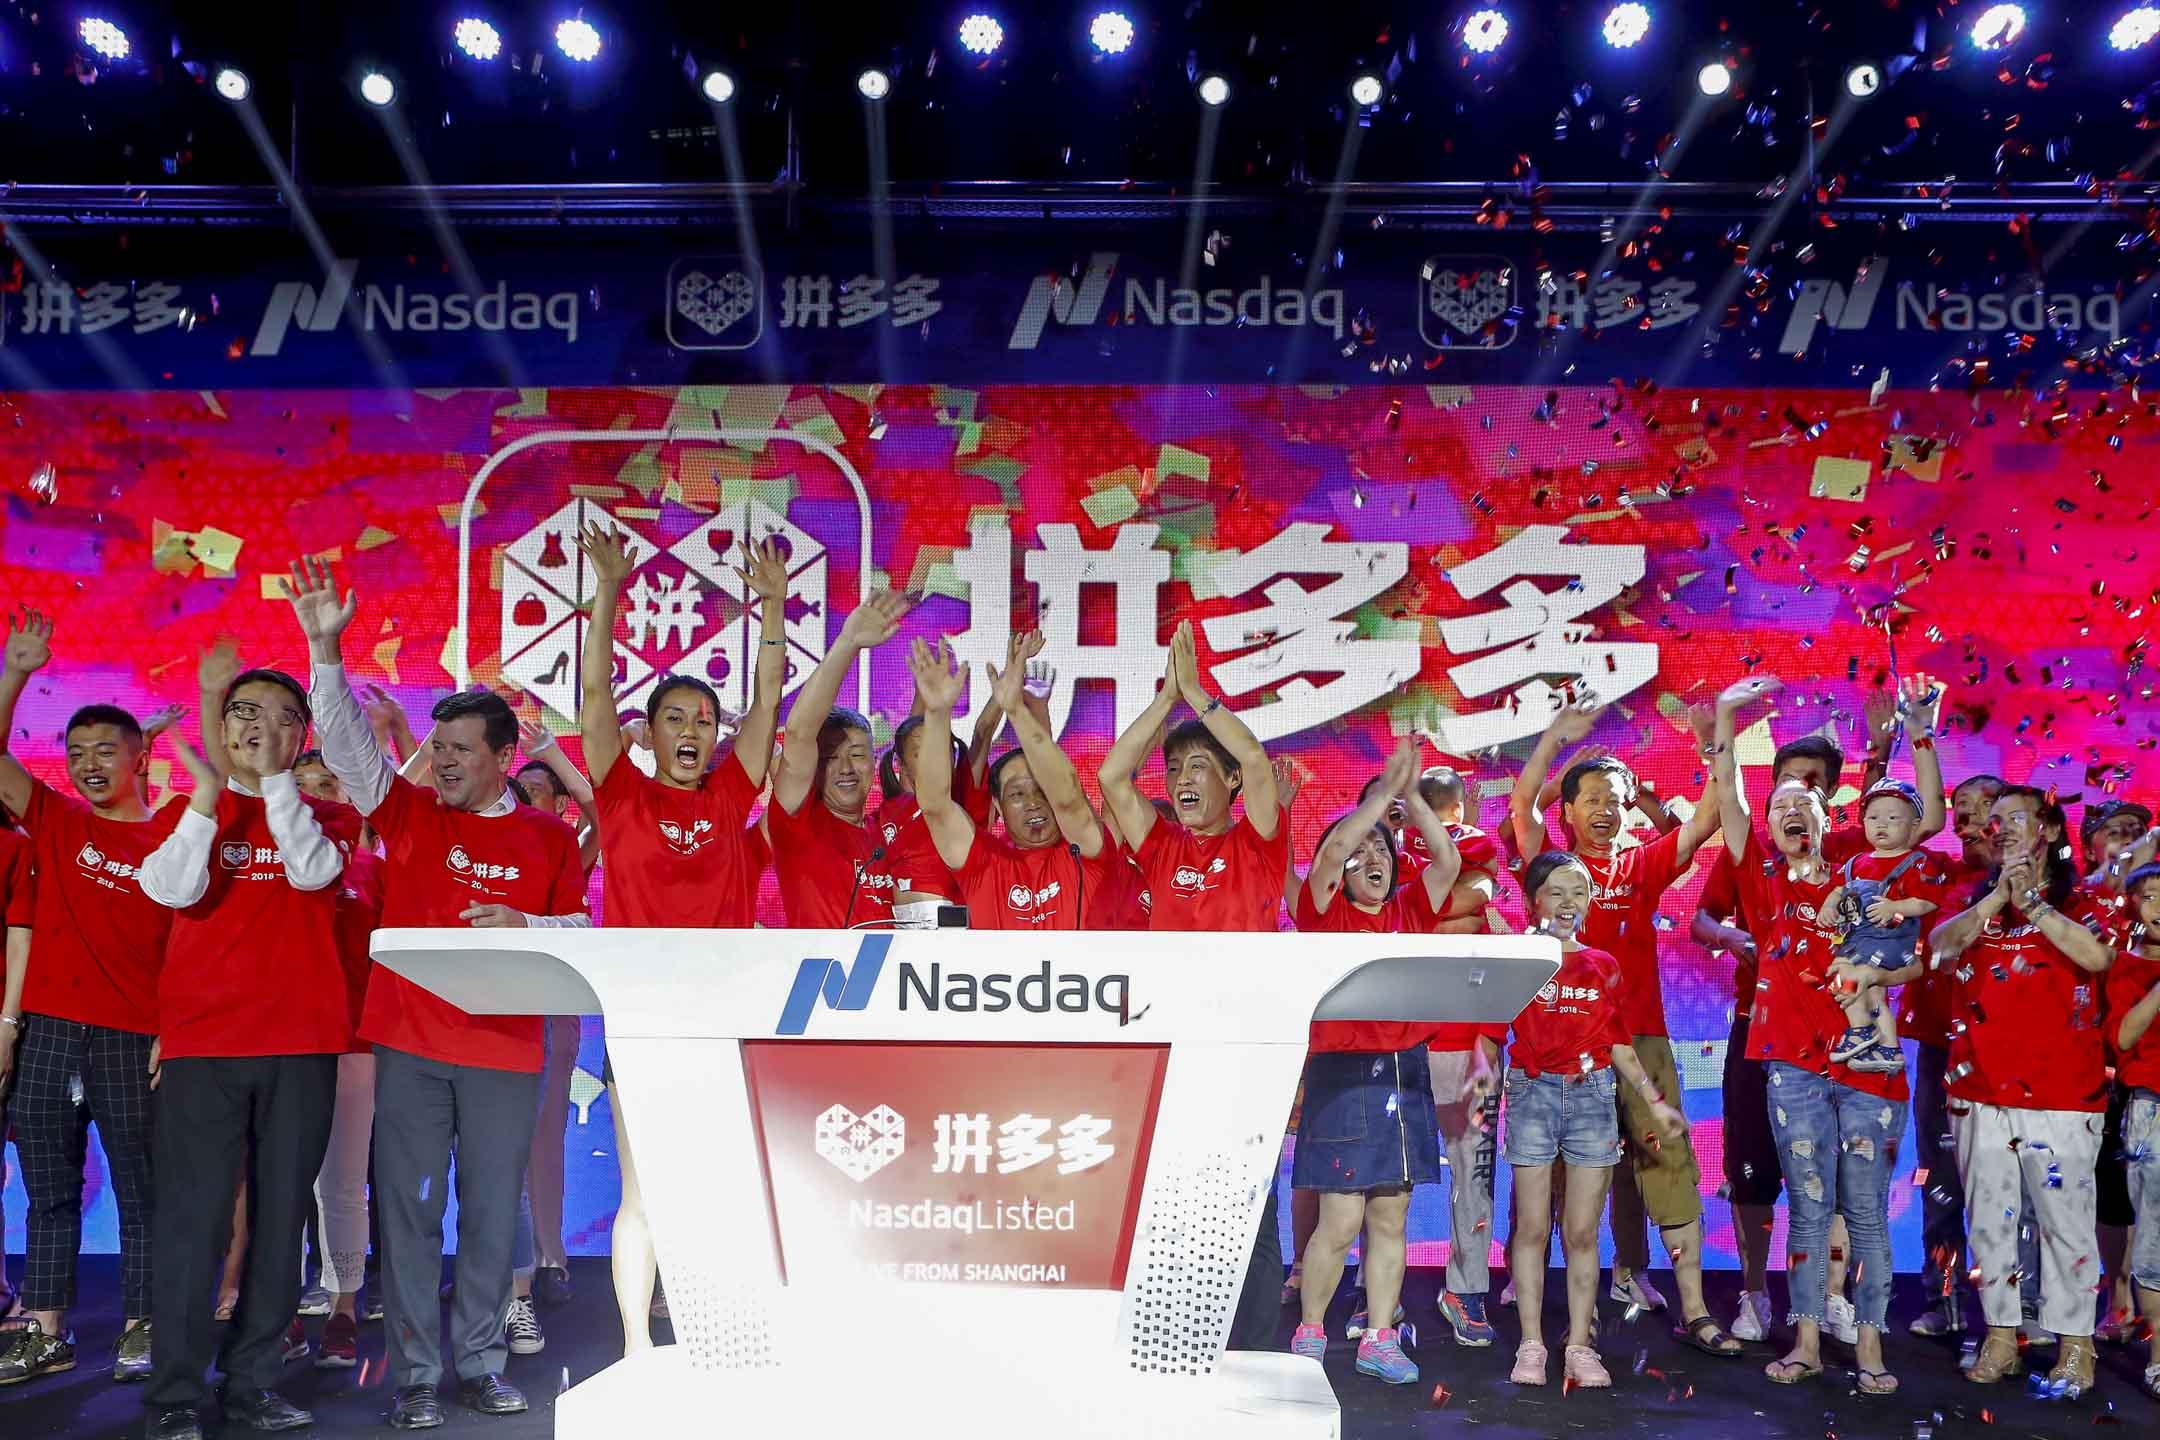 2018年7月26日,拼多多光是在NASDAQ上市,並創下了兩個「第一」:第一家在上海、紐約兩地同時敲鐘的企業,以及第一家請自己的消費者去交易所敲鐘的企業。 攝:Yin Liqin/China News Service/VCG